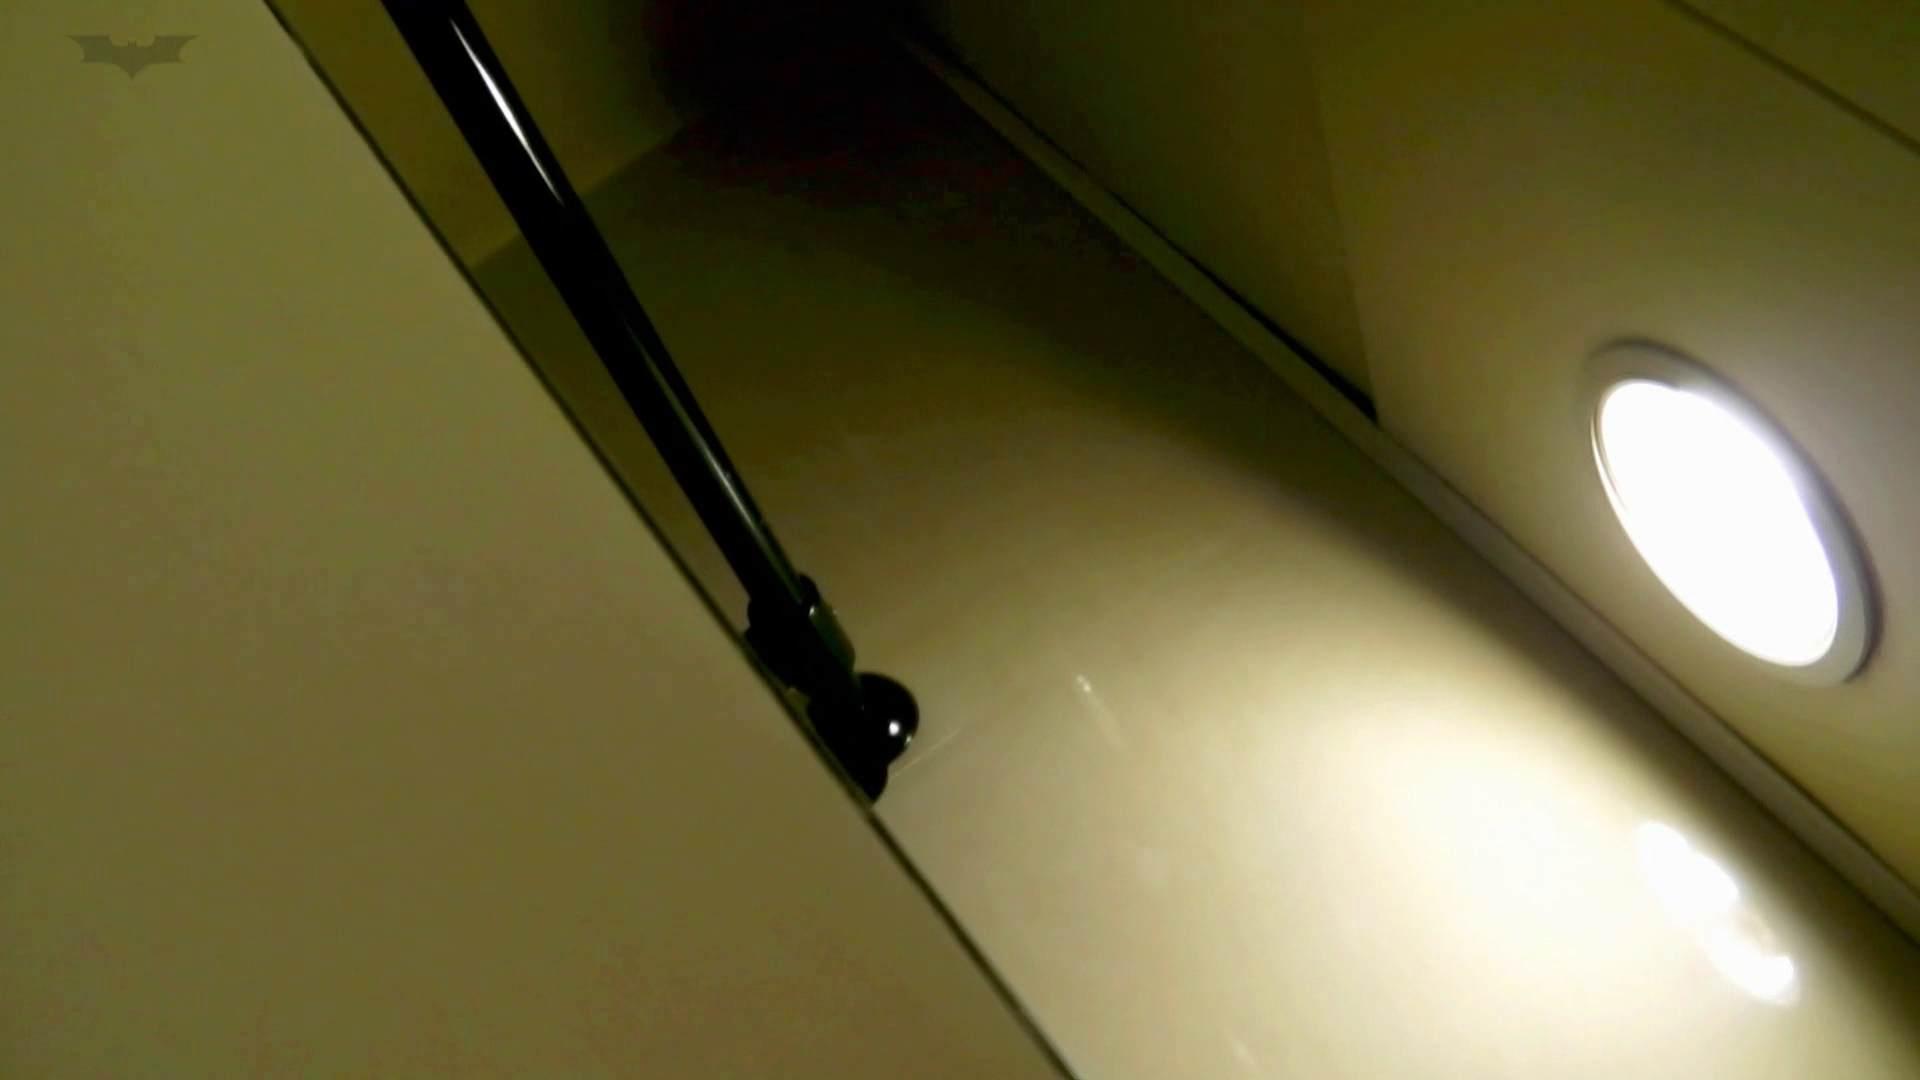 新世界の射窓 No73 185cm!スニーカーでも頭がでちゃうモデル特集 洗面所 | 盛合せ  79画像 52